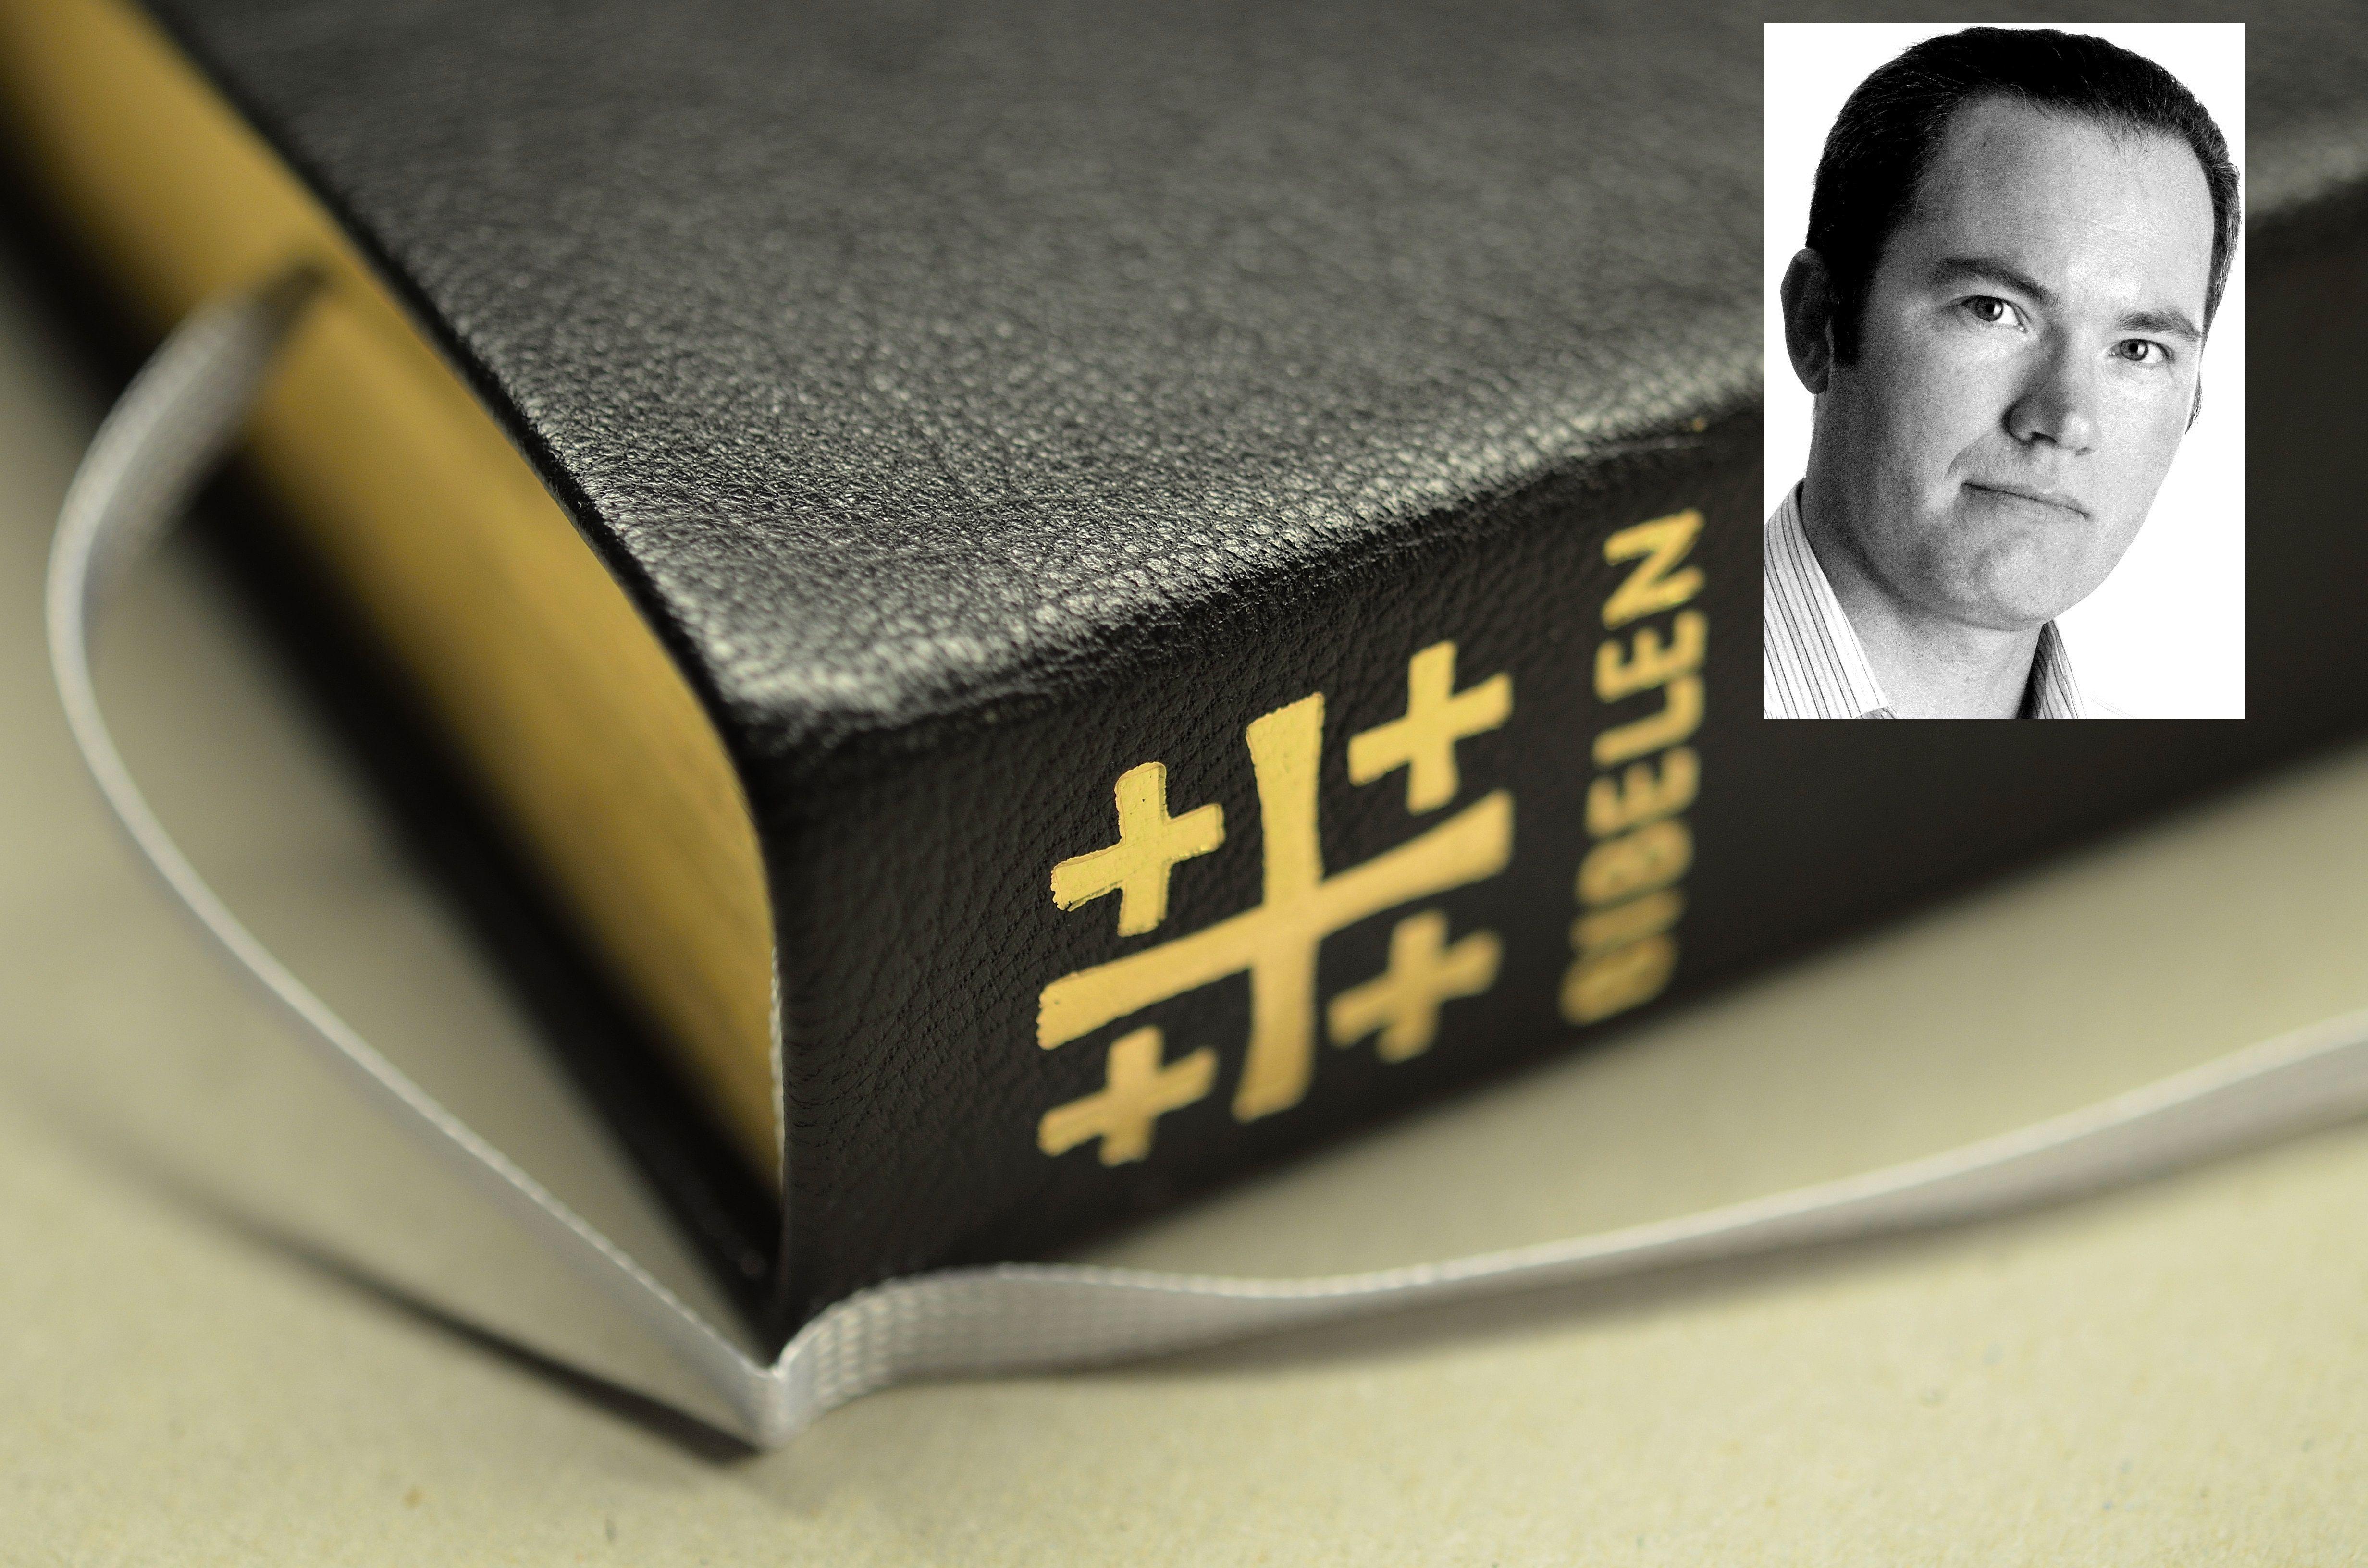 Christian dating bibelske prinsipper